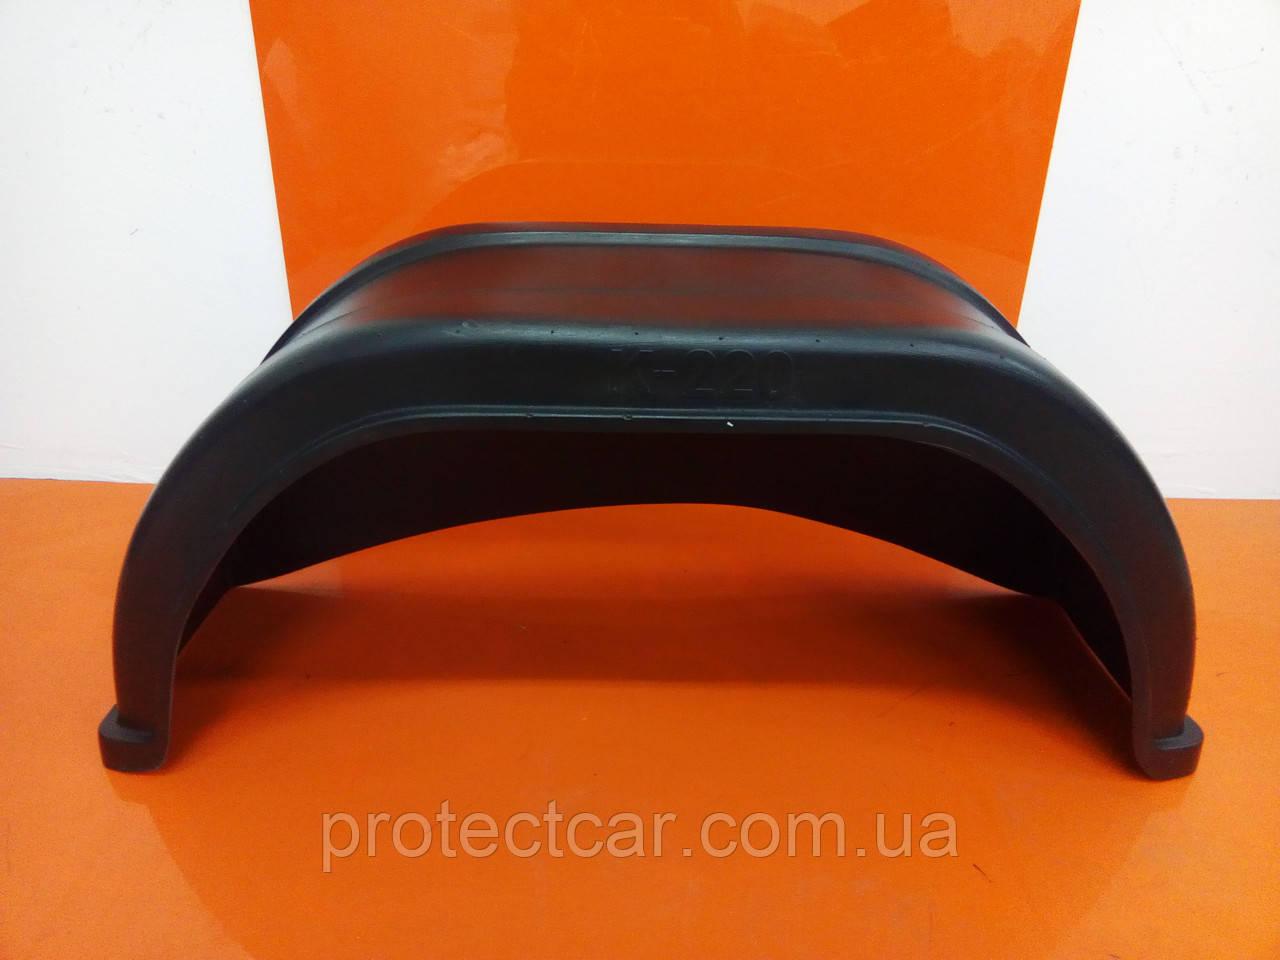 Крыло заднее пластиковое К-220 на легковой прицеп R13